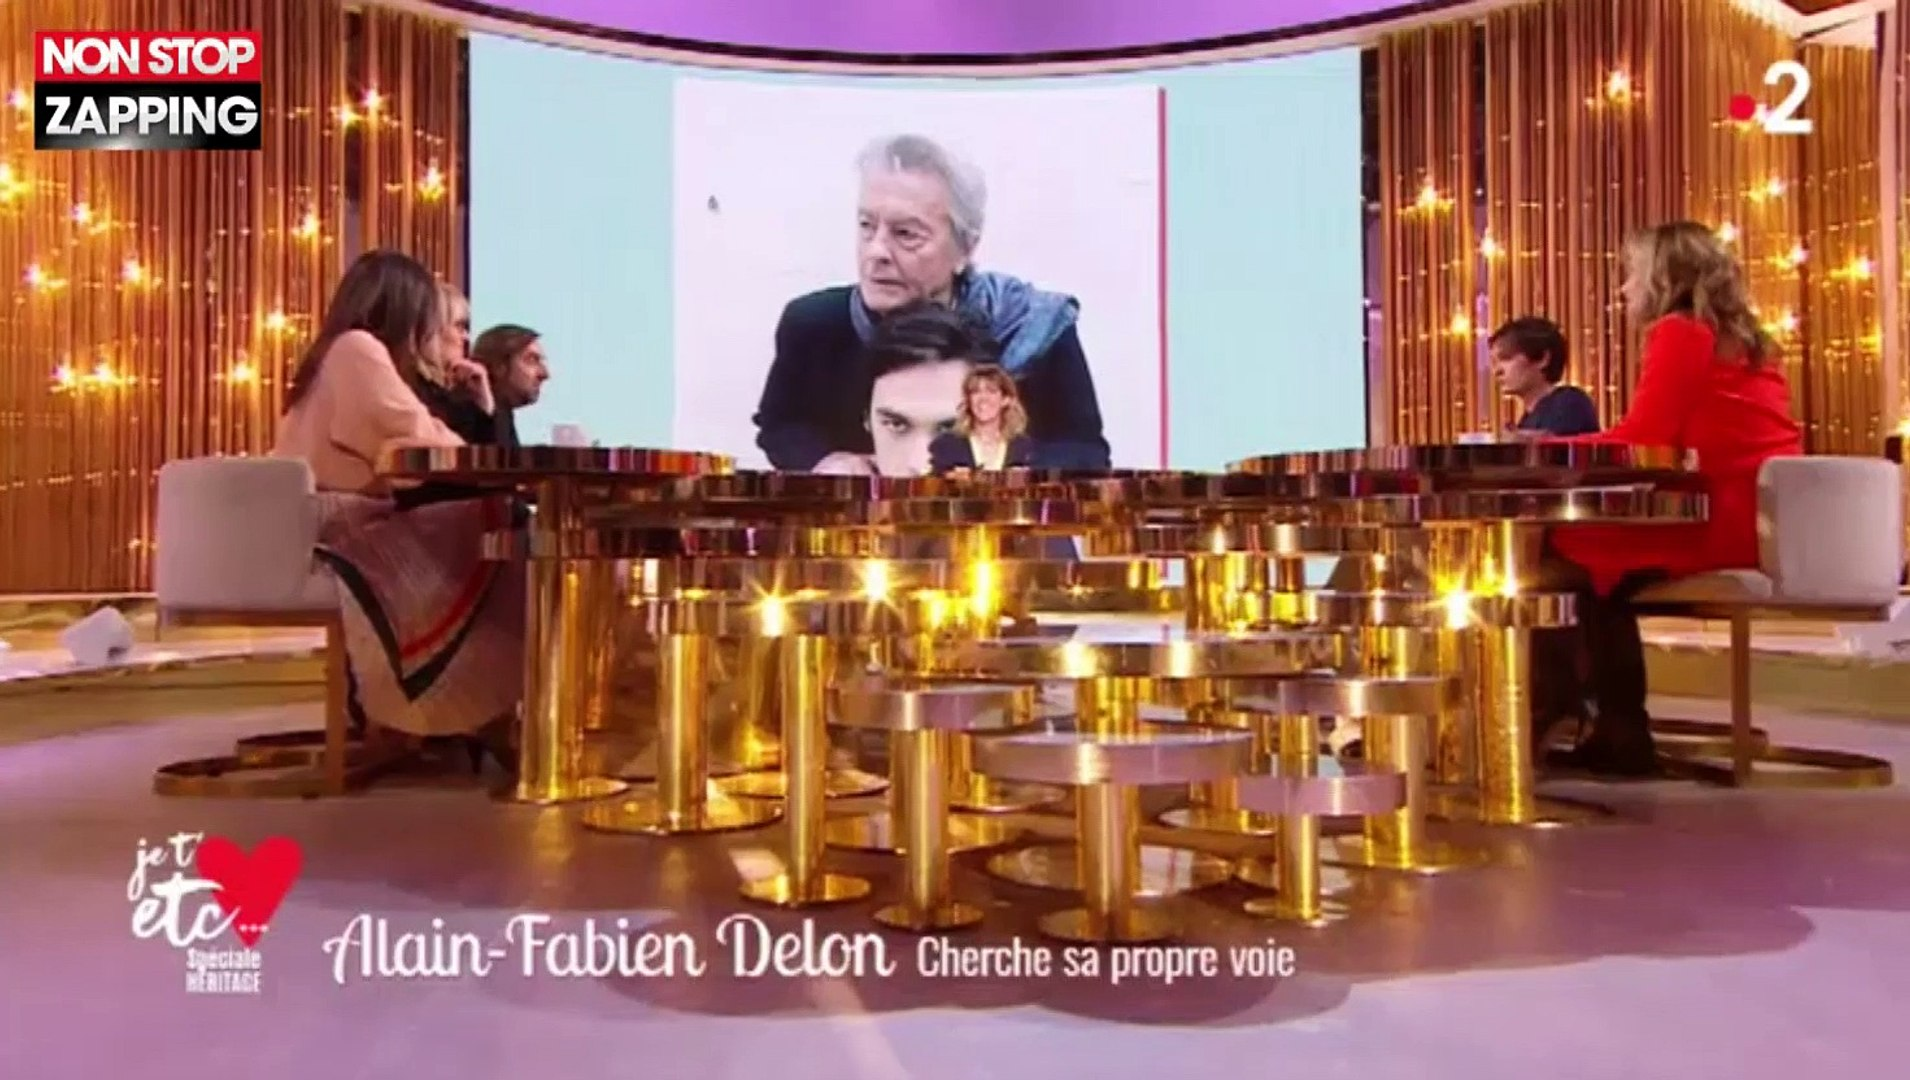 Alain-Fabien Delon fan d'André Manoukian : Il lui exprime son admiration (vidéo)